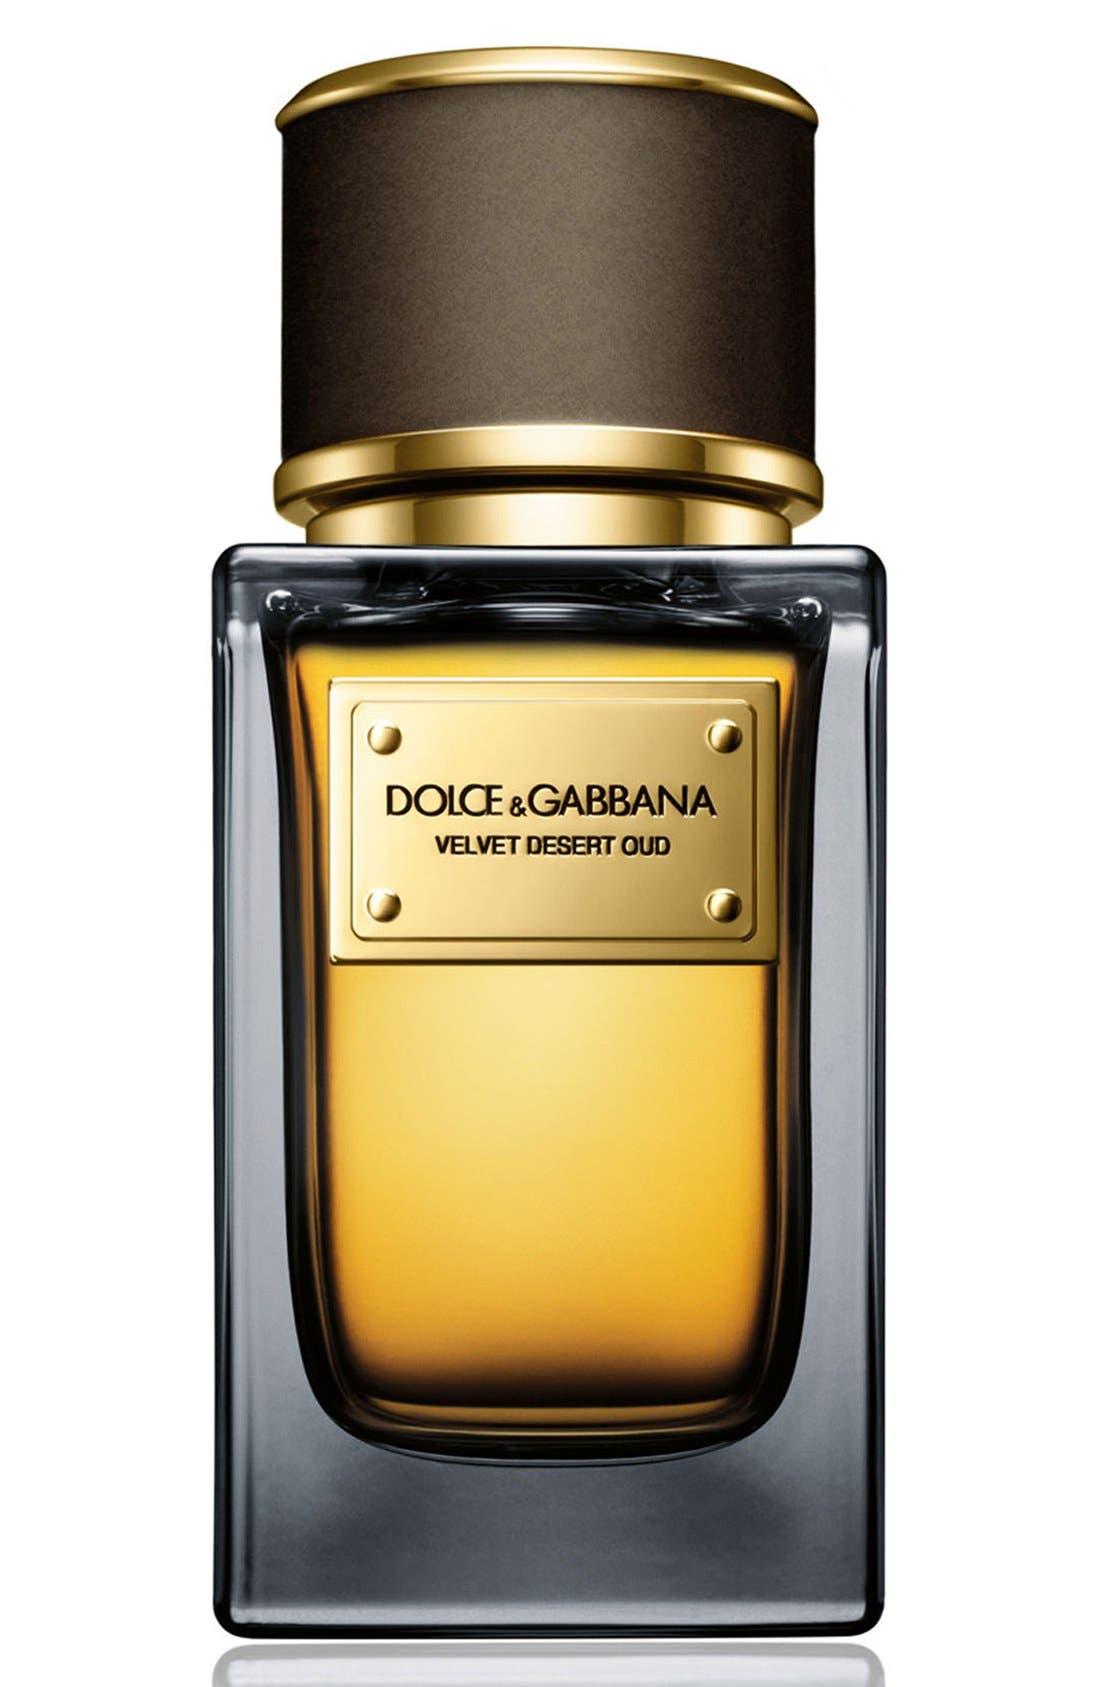 Dolce&GabbanaBeauty 'Velvet Desert Oud' Eau de Parfum